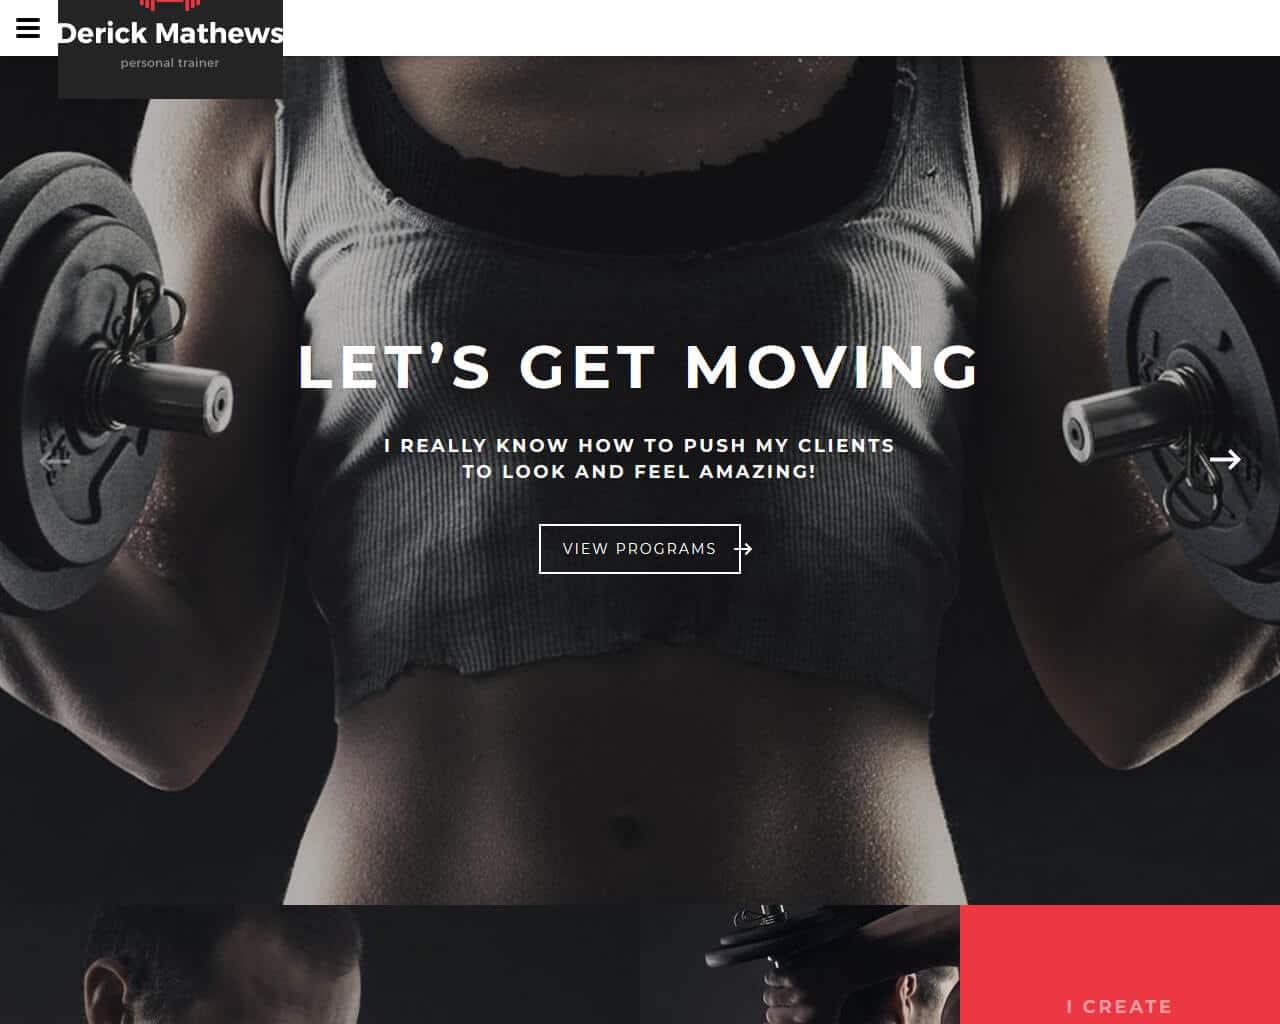 Derick Mathews Website Template